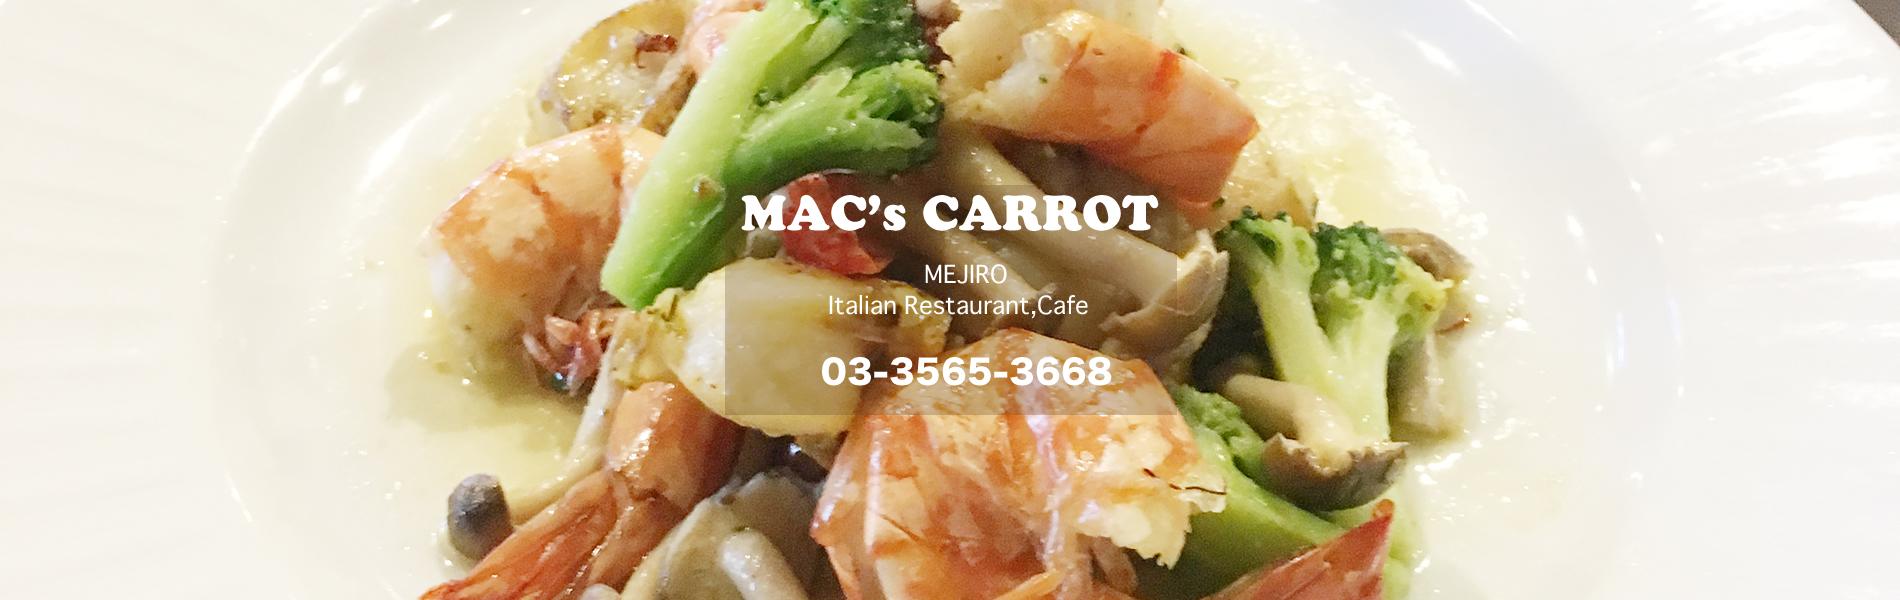 東京目白イタリアンレストラン【マックスキャロット(MAC's CARROT)】 | 【おすすめ】海老と帆立貝のサフラン炒め